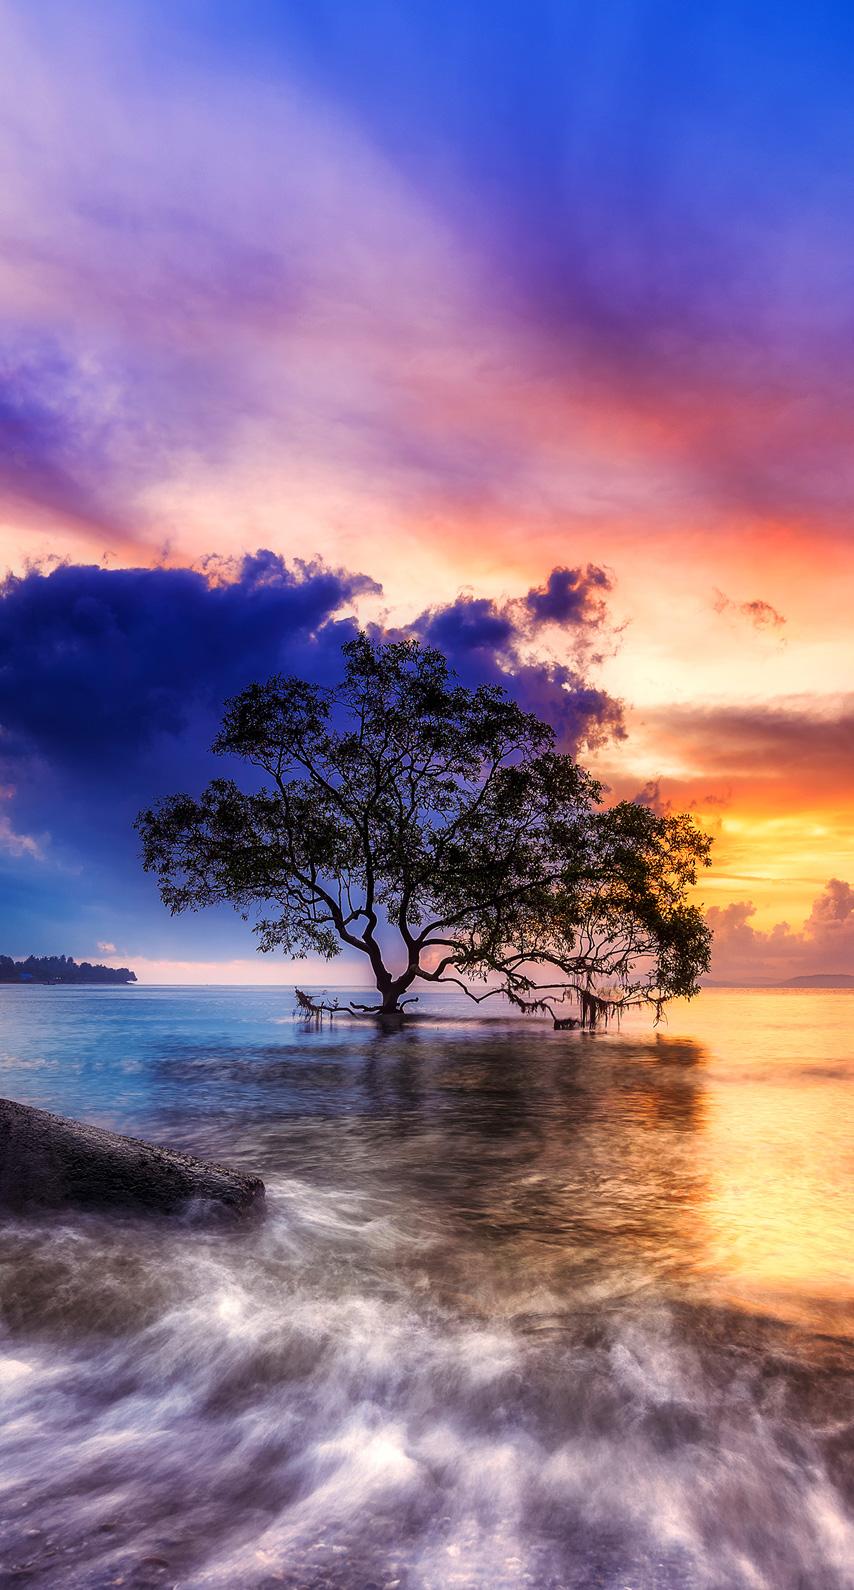 sunrise, tree